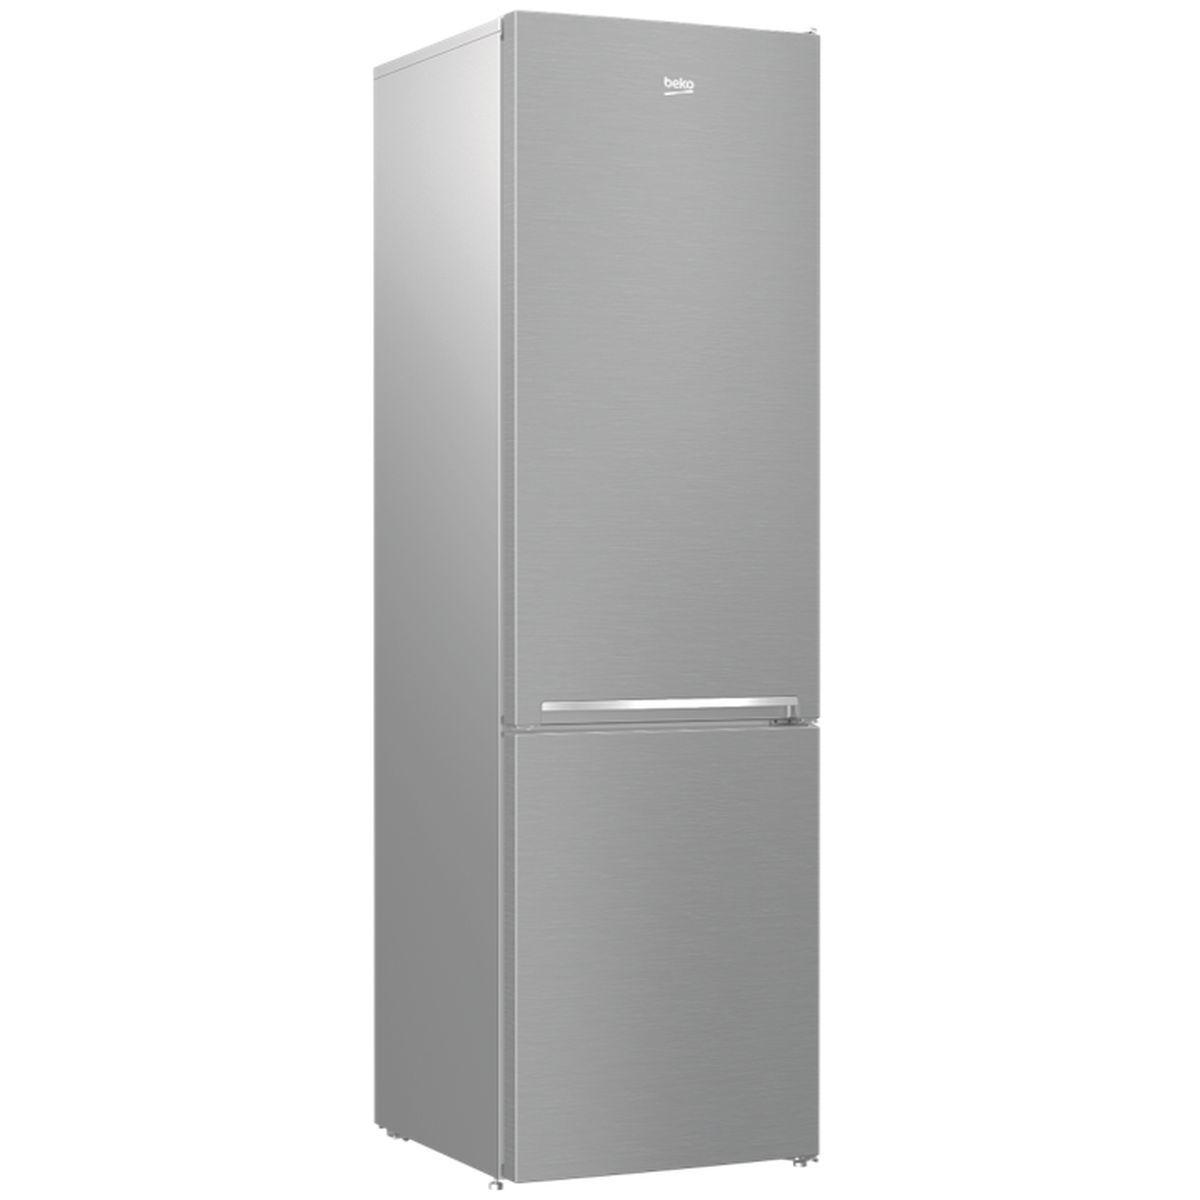 Réfrigérateur combiné RCSA406K40SN, 366 L, Froid statique